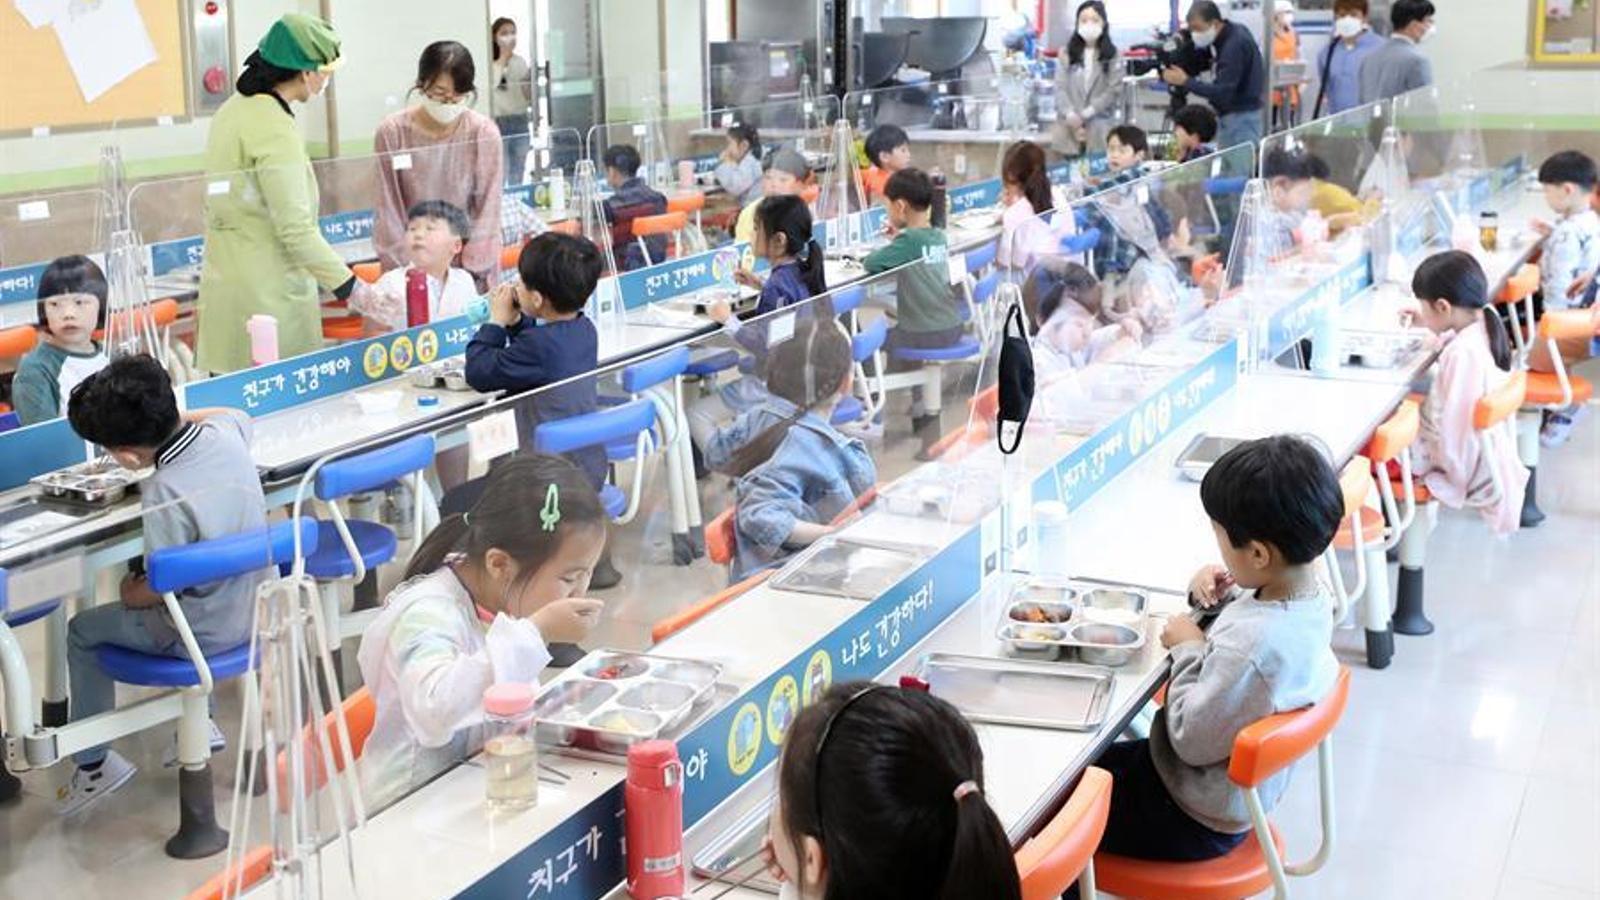 Alumnes de primària en un menjador escolar a Seül.